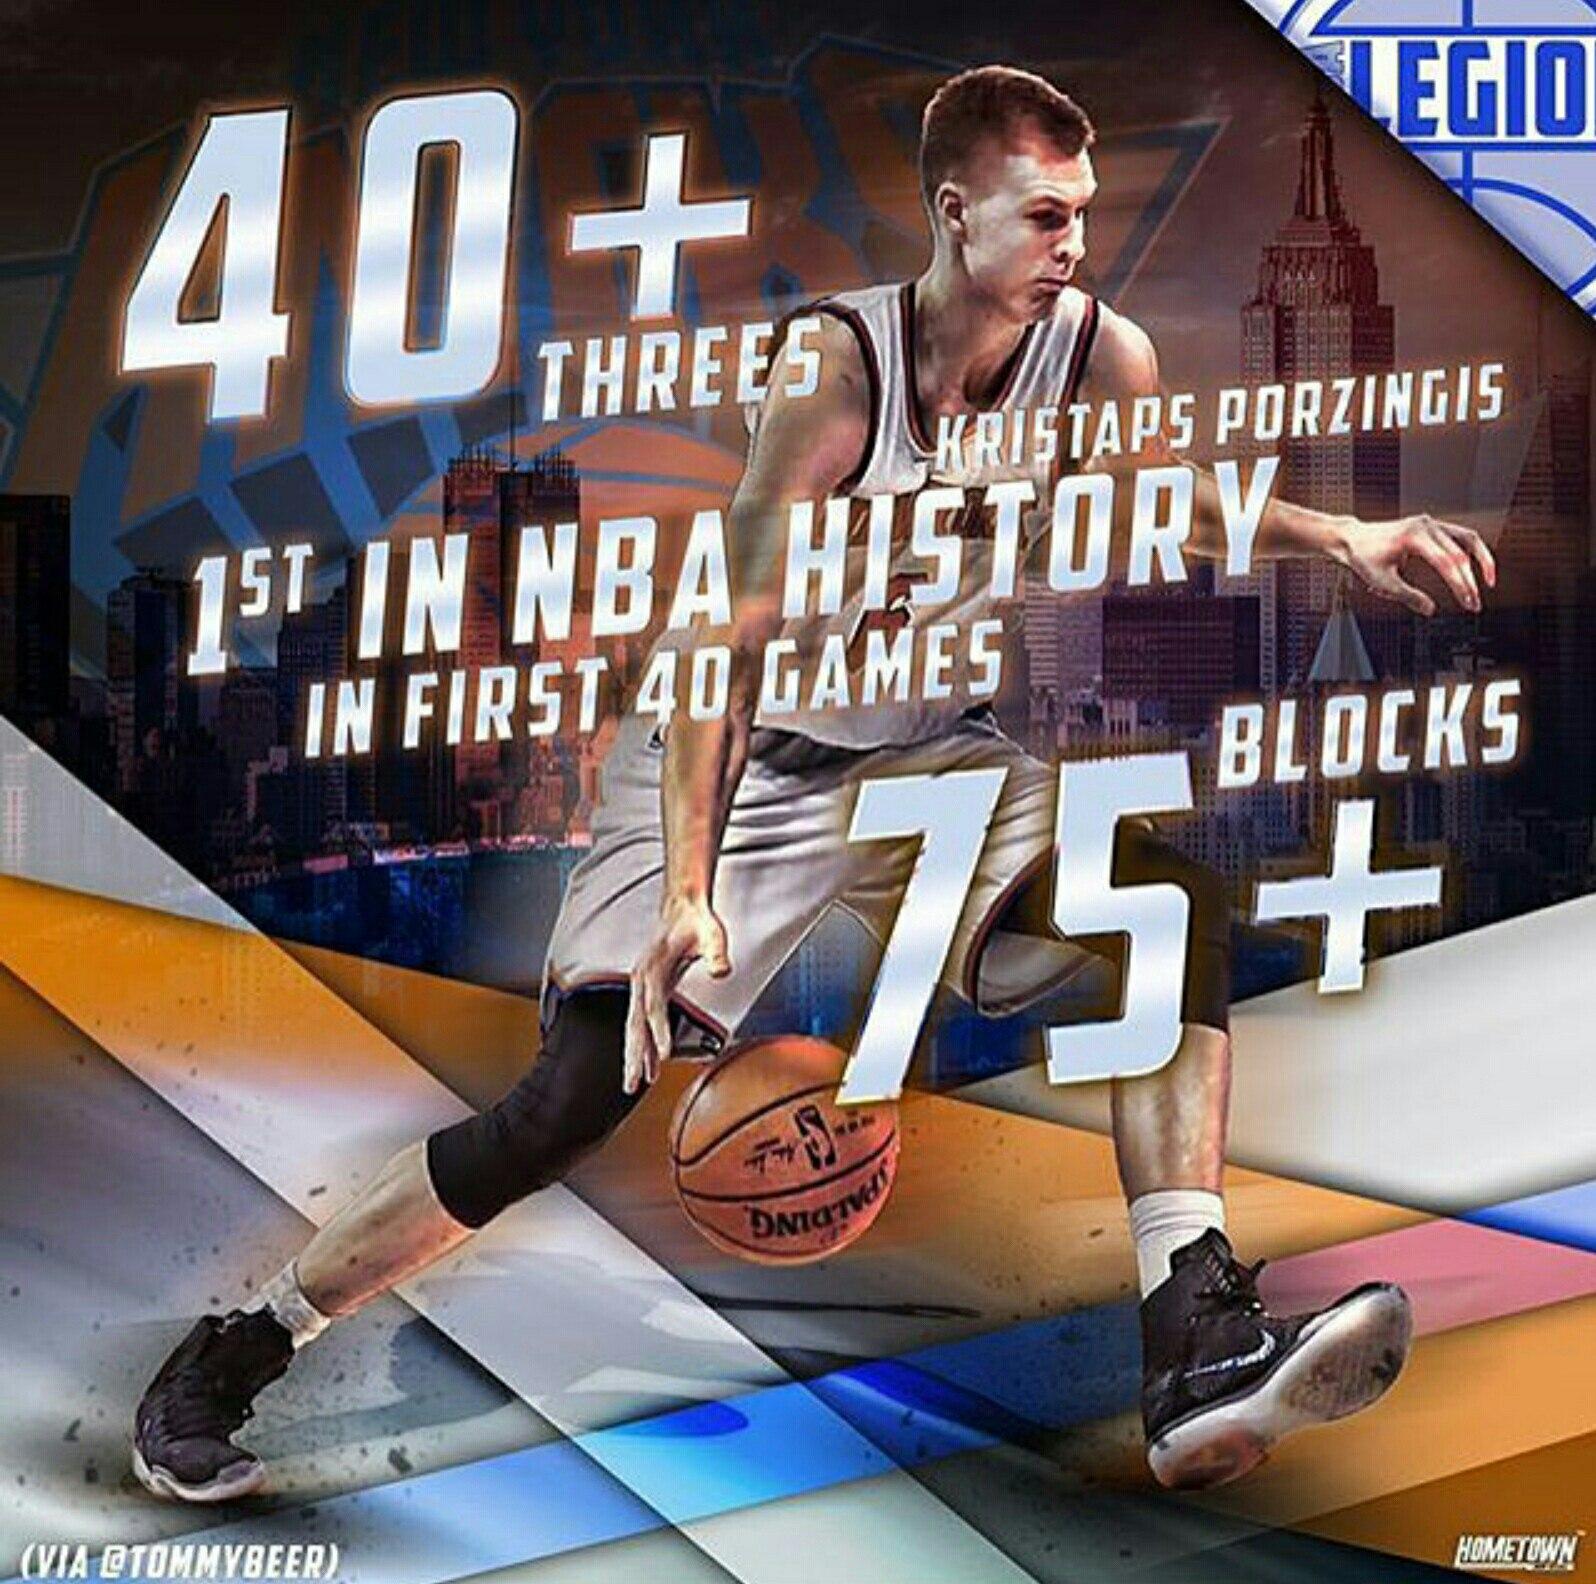 Кристапс Порзингис первый игрок в истории НБА, который совершил 40 3-х очковых попаданий и сделал более 75-и блок-шотов в первых 40 играх в своей карьере